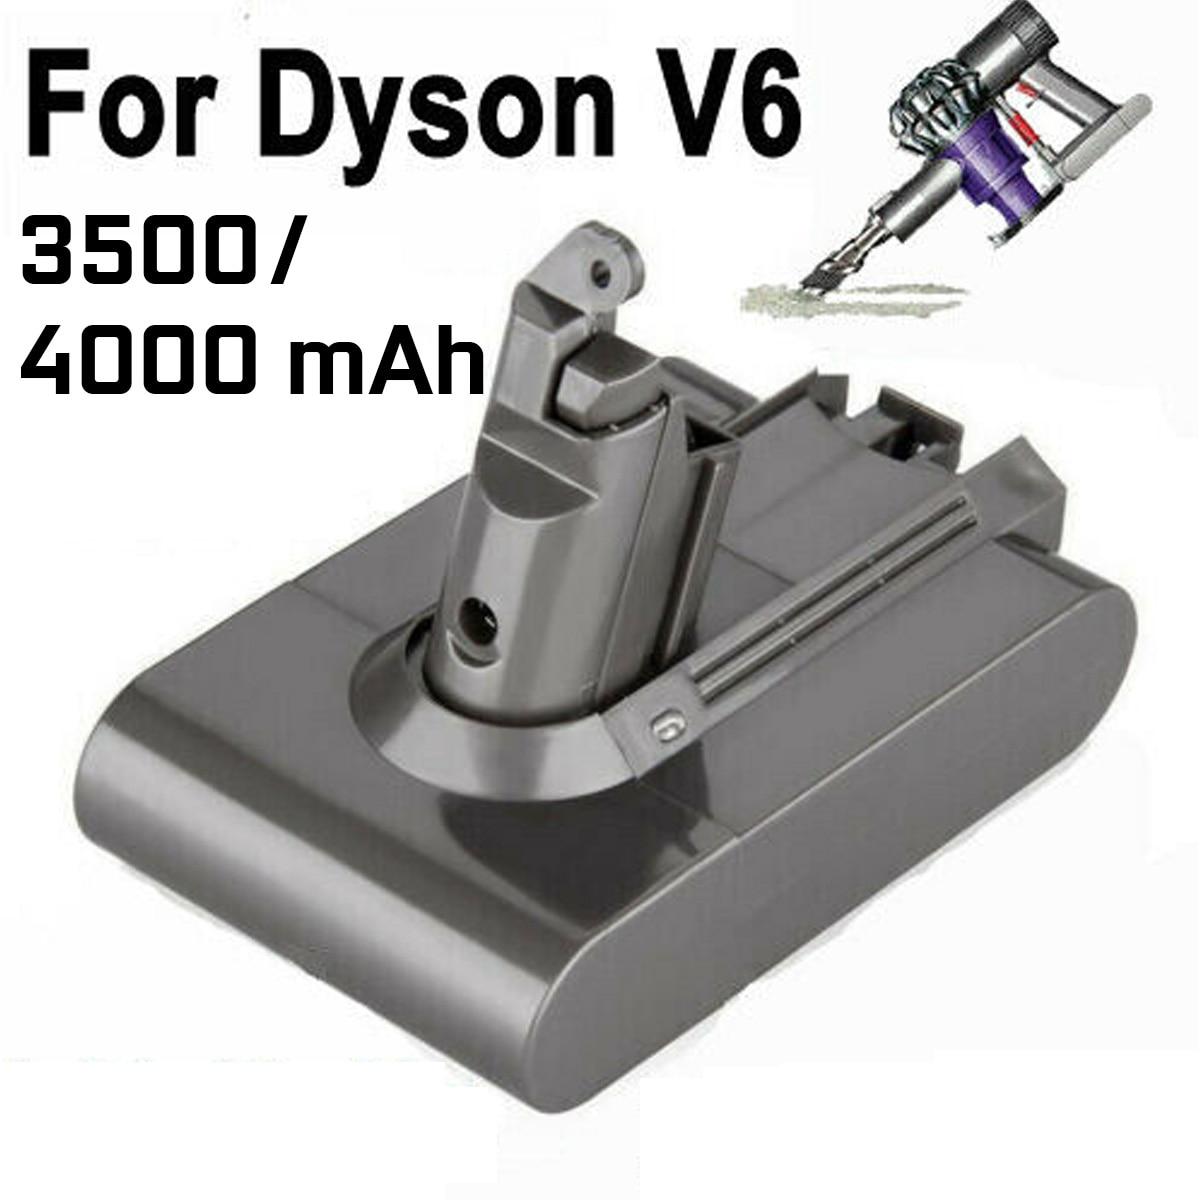 Batterie d'aspirateur Li-ion 4000mAh 3500mAh pour batterie Dyson V6 DC58 59 61 62 72 74 batterie de remplacement d'aspirateur